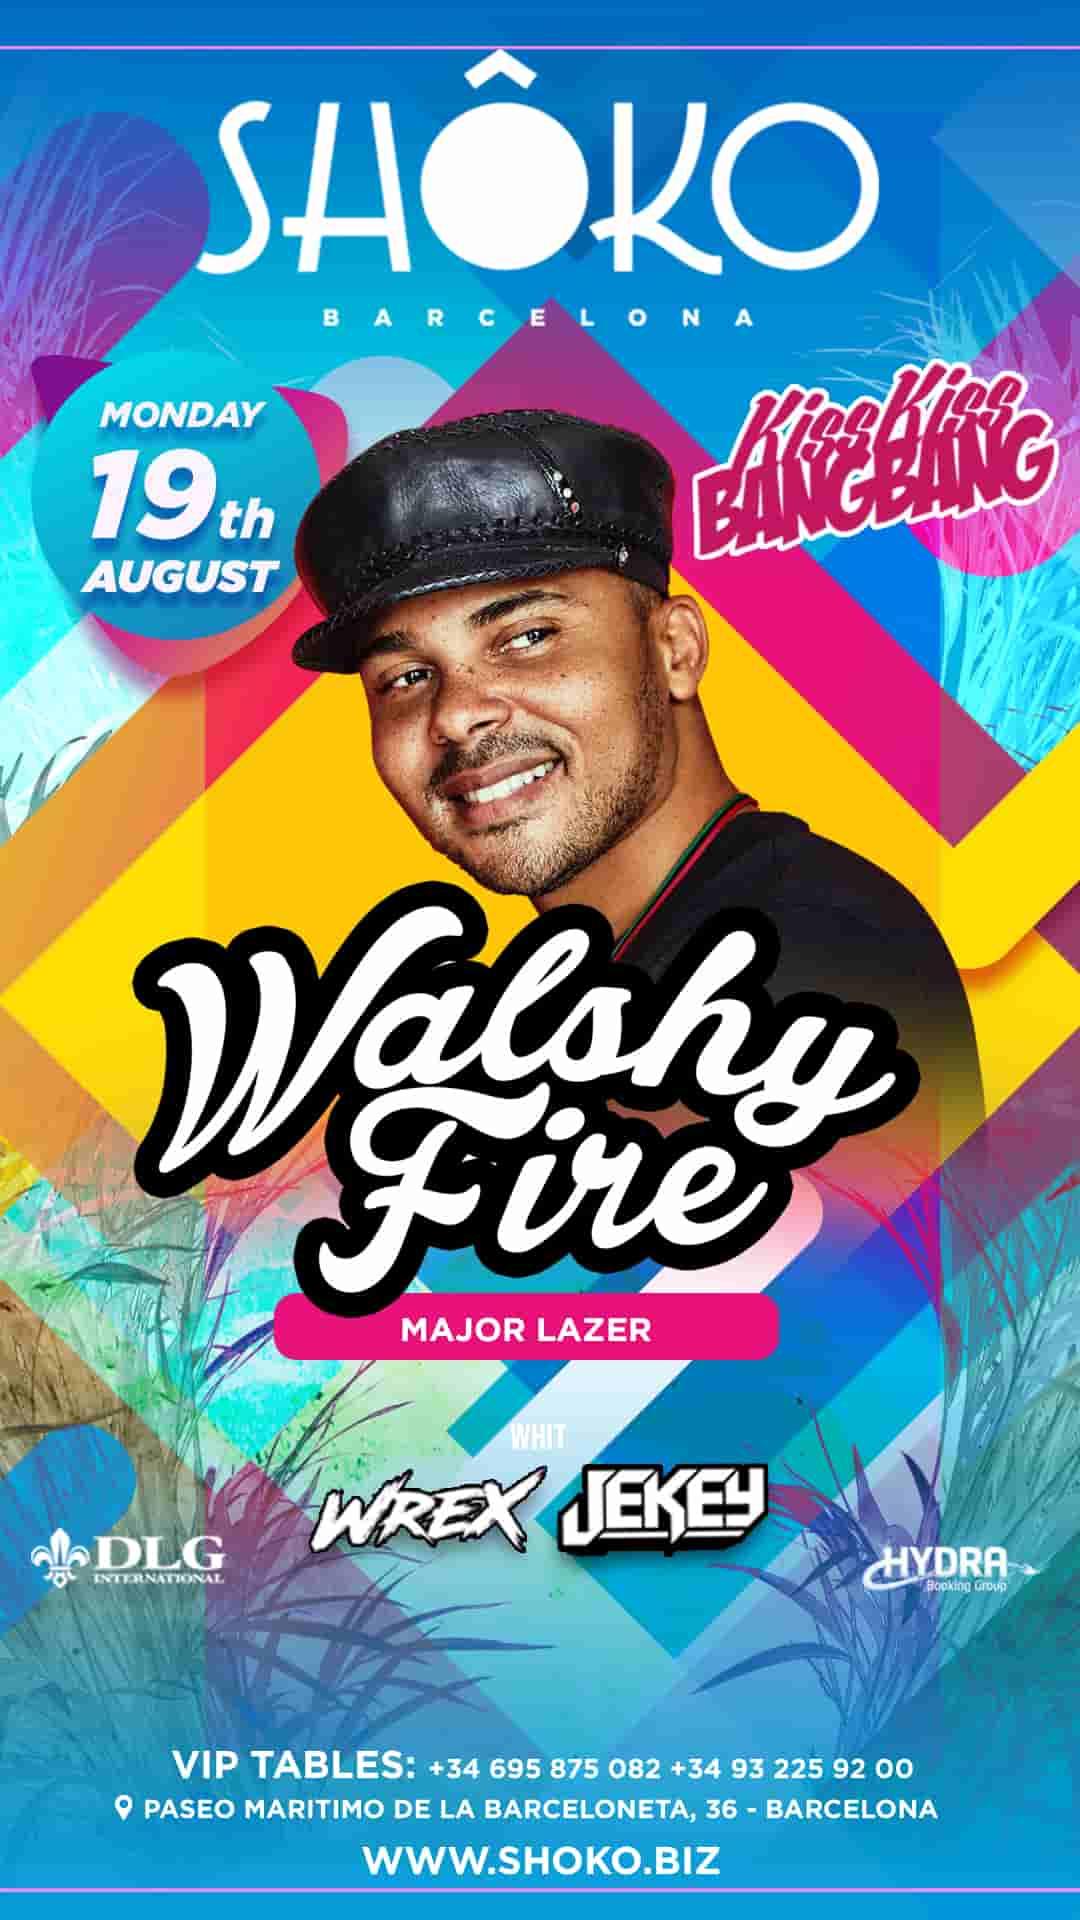 Kiss Kiss Bang Bang | Walshy Fire (Major Lazer) in session